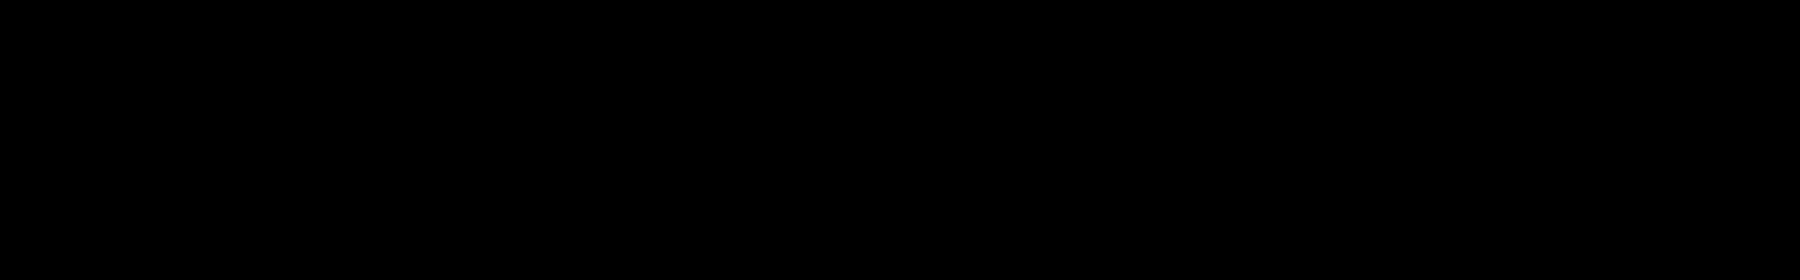 Blvckout Drill audio waveform